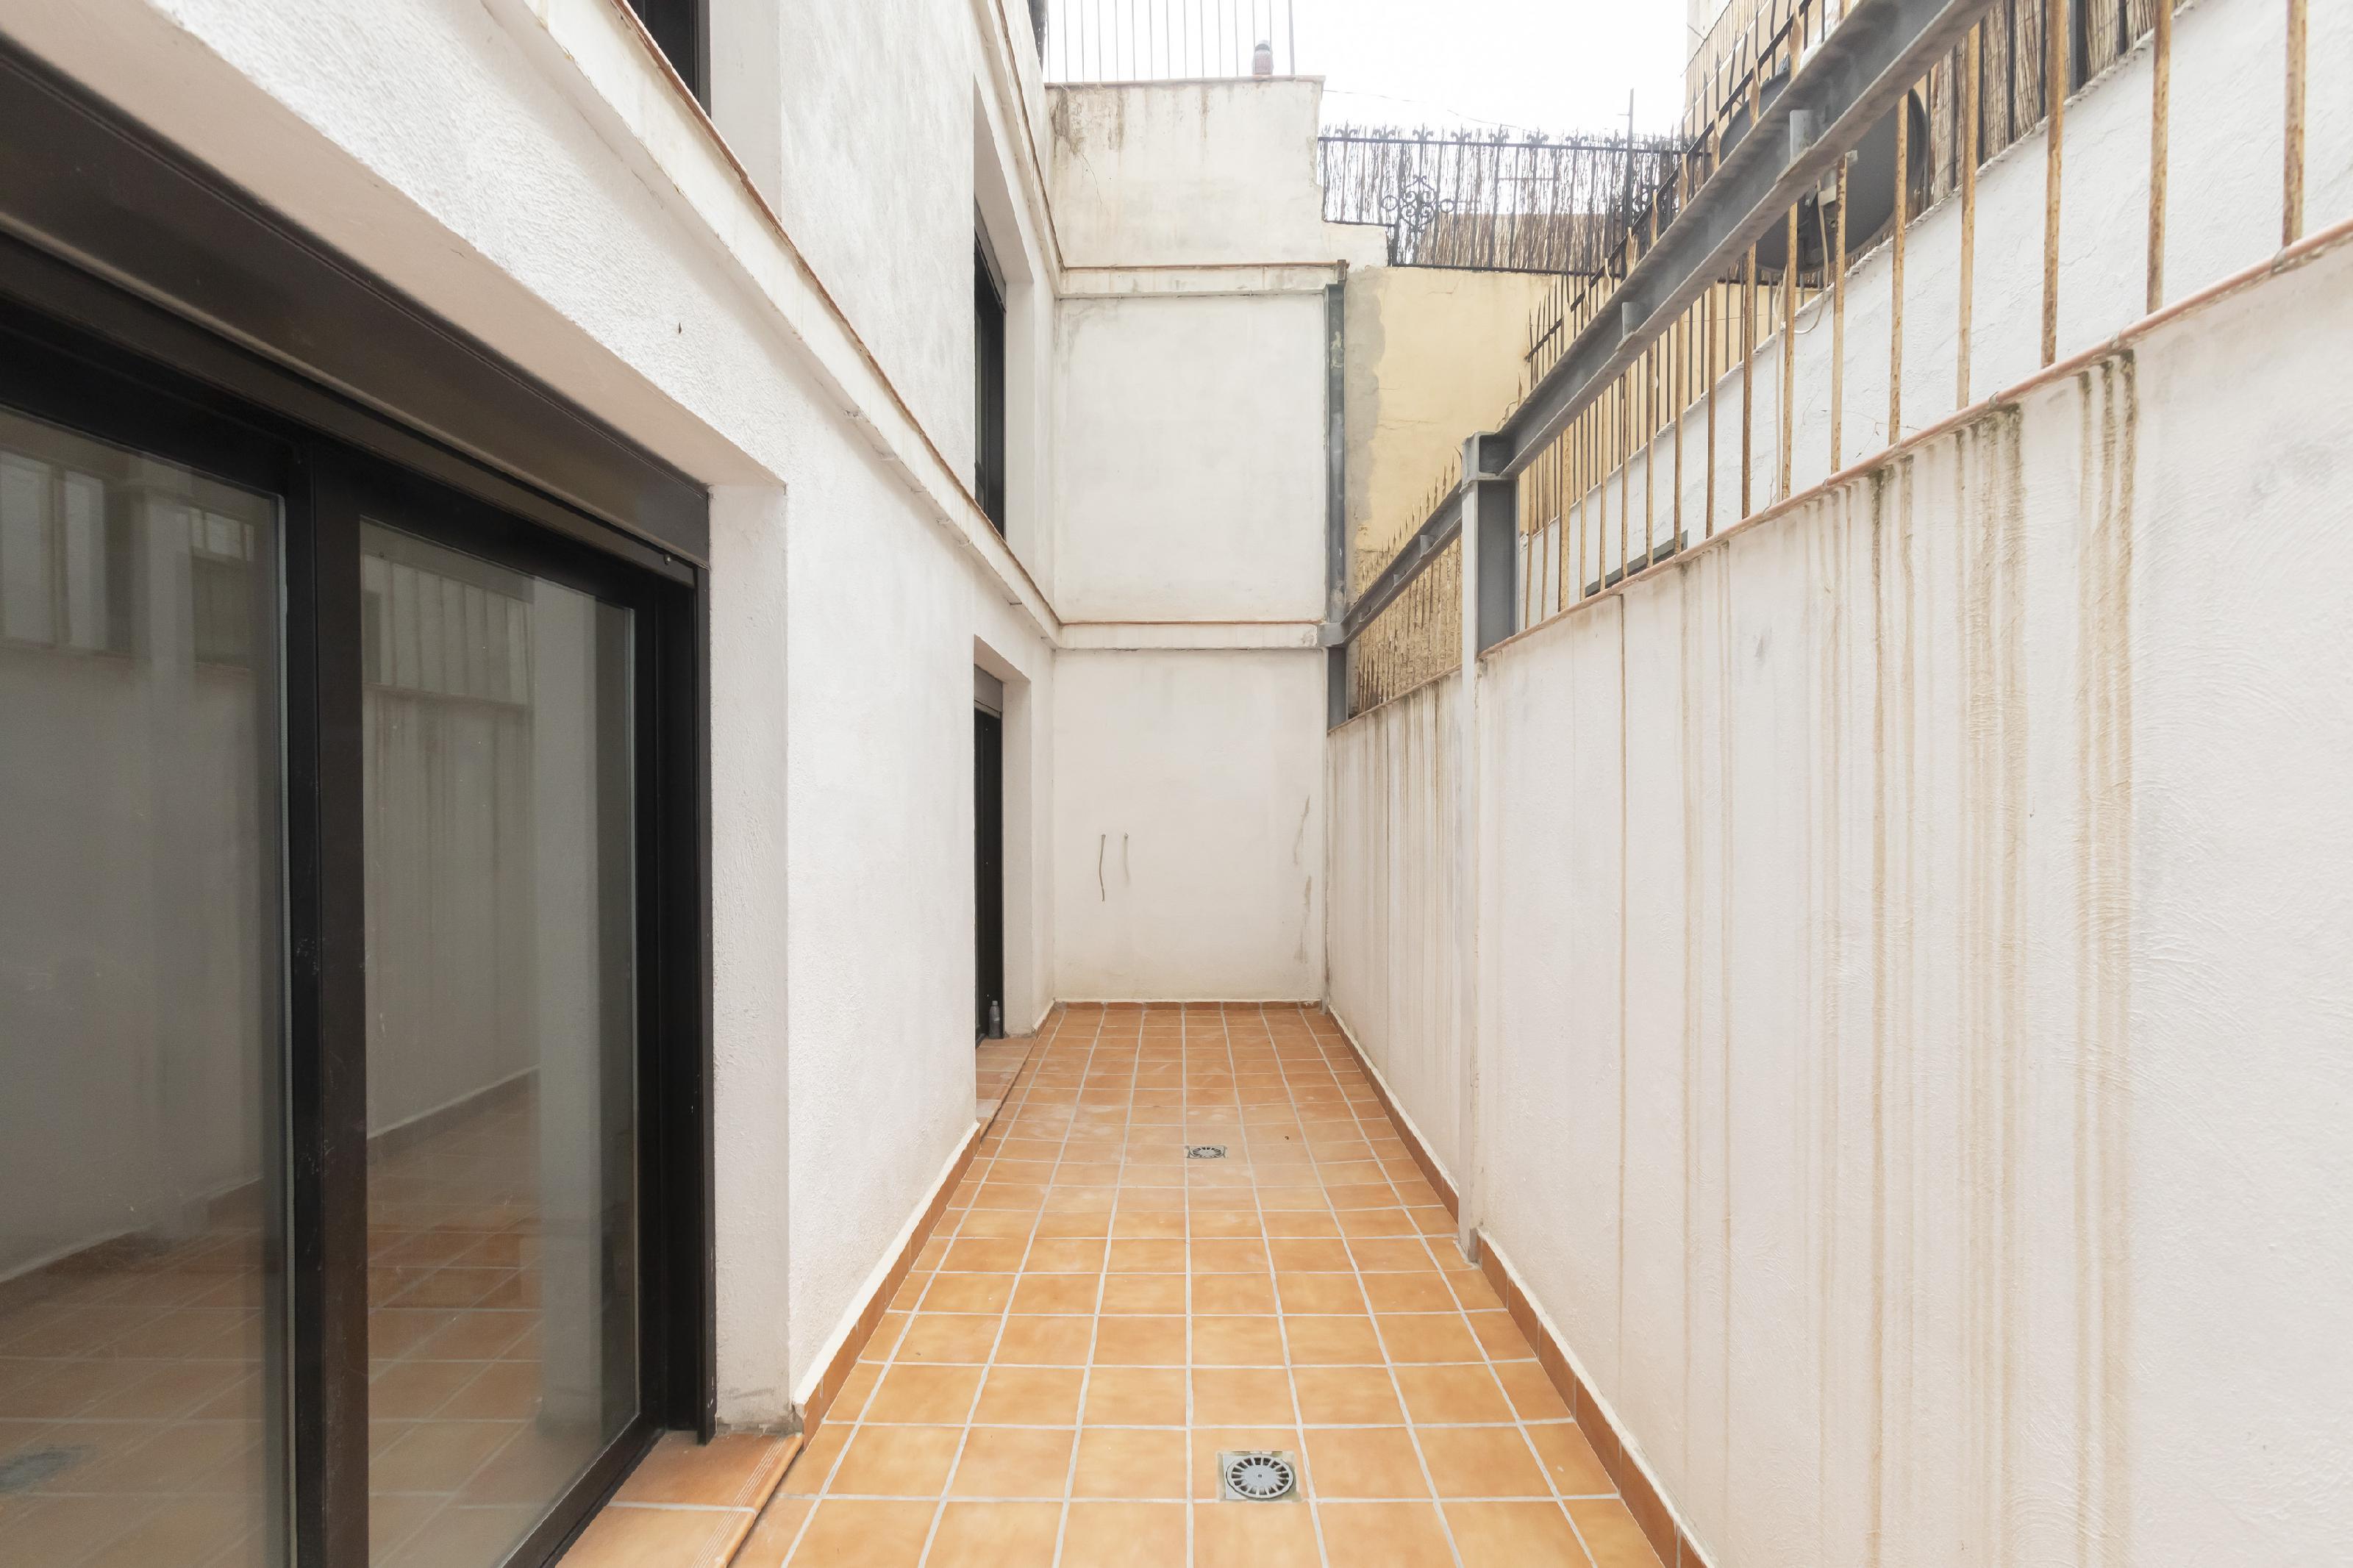 253983 Loft for sale in Gràcia, Vila de Gràcia 10